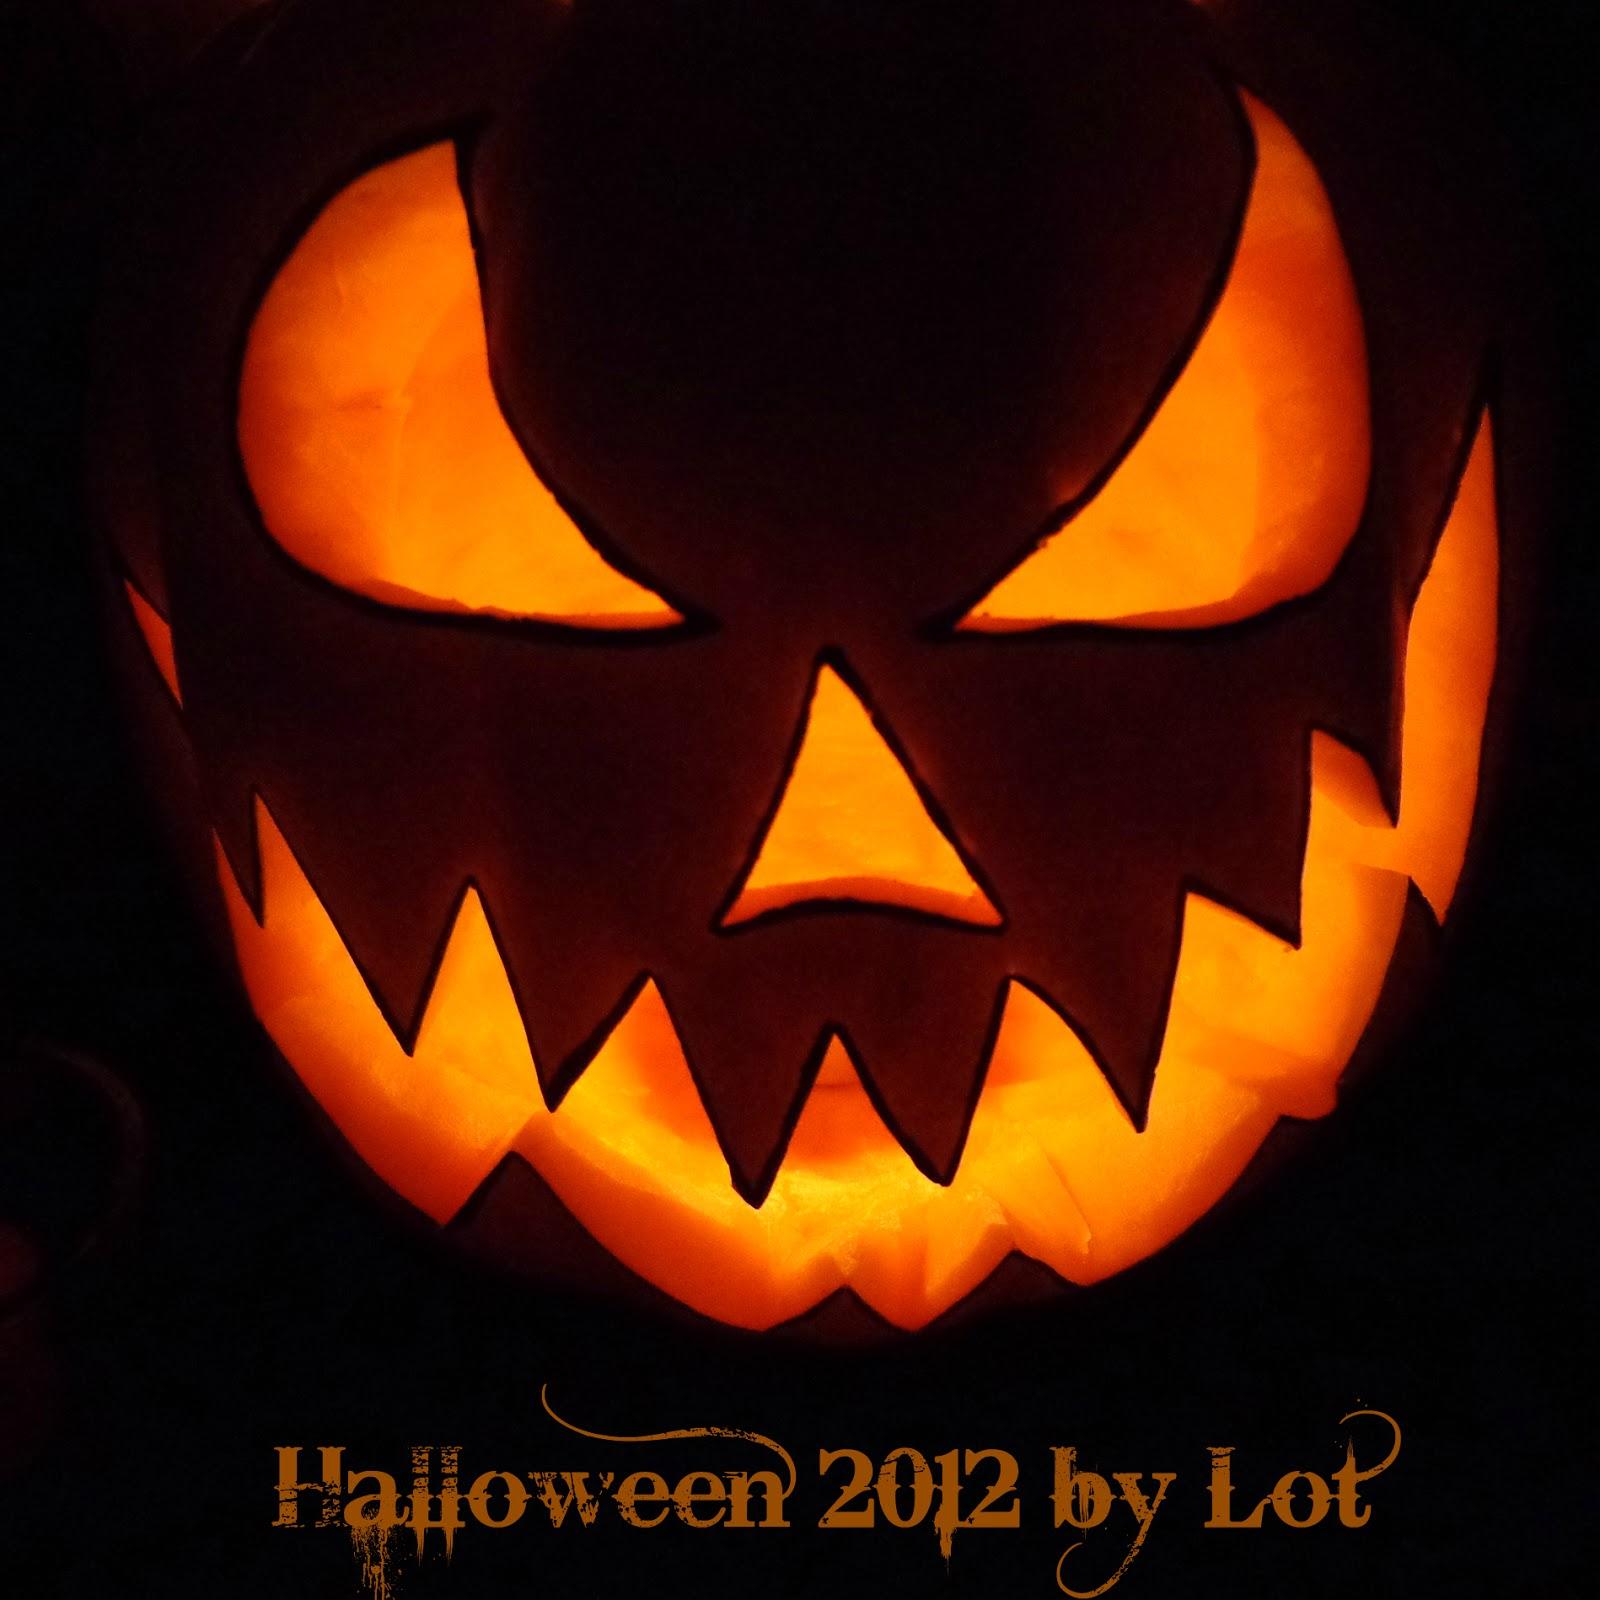 Semanas que pasan como d as calabaza halloween by lot - Calabazas de halloween de miedo ...